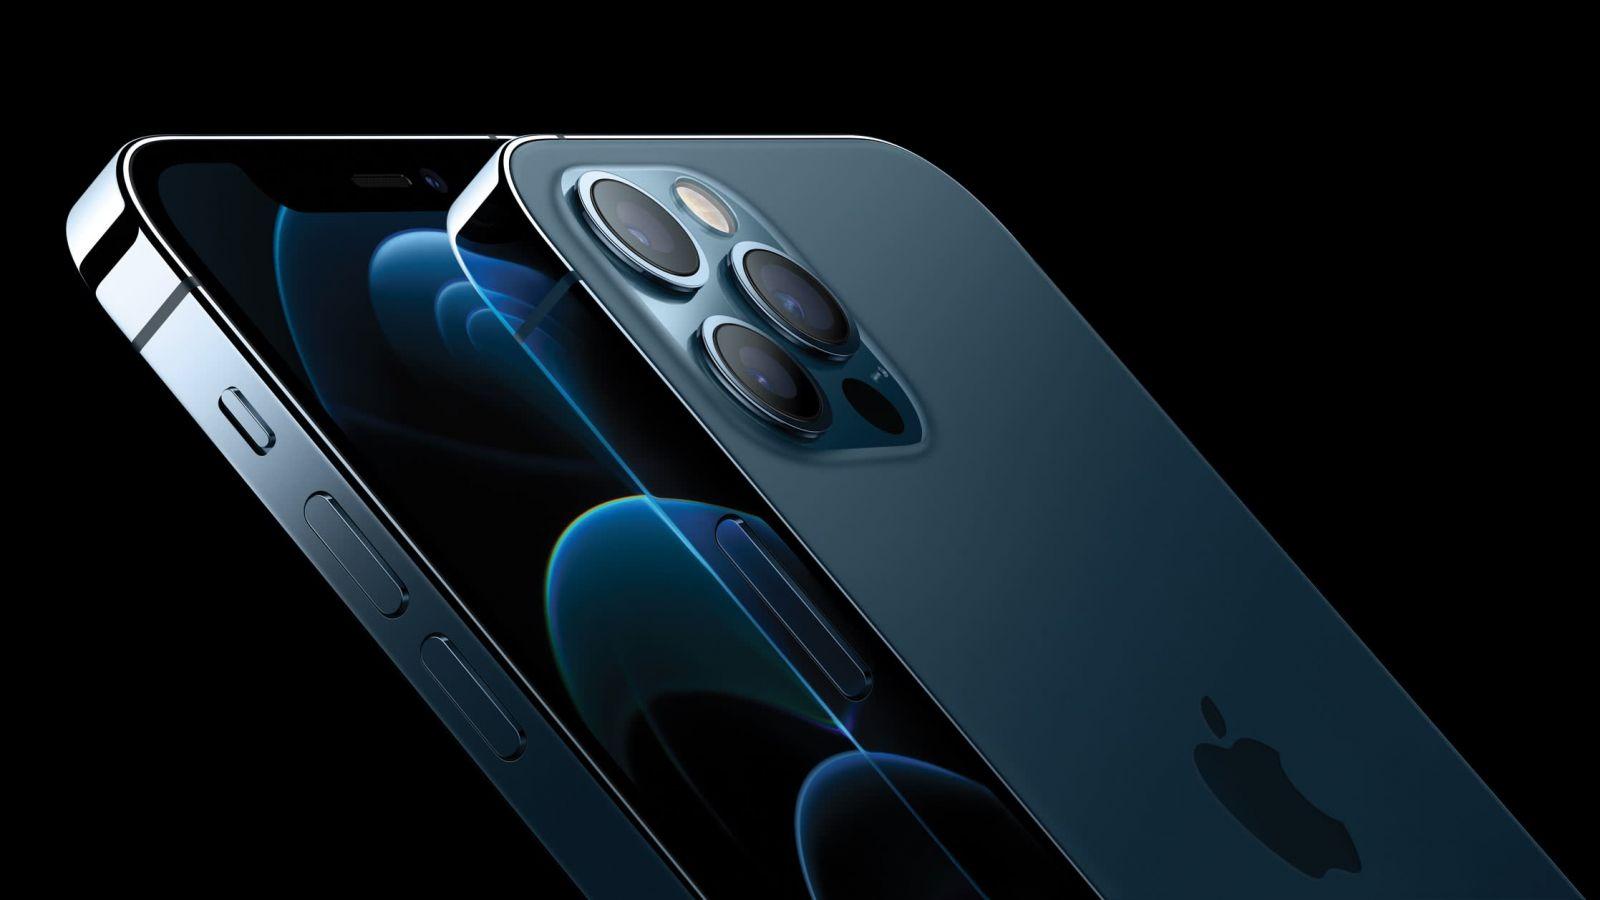 Nhiều mẫu iPhone giảm giá sốc dịp đầu năm mới 2021. Ảnh: TL